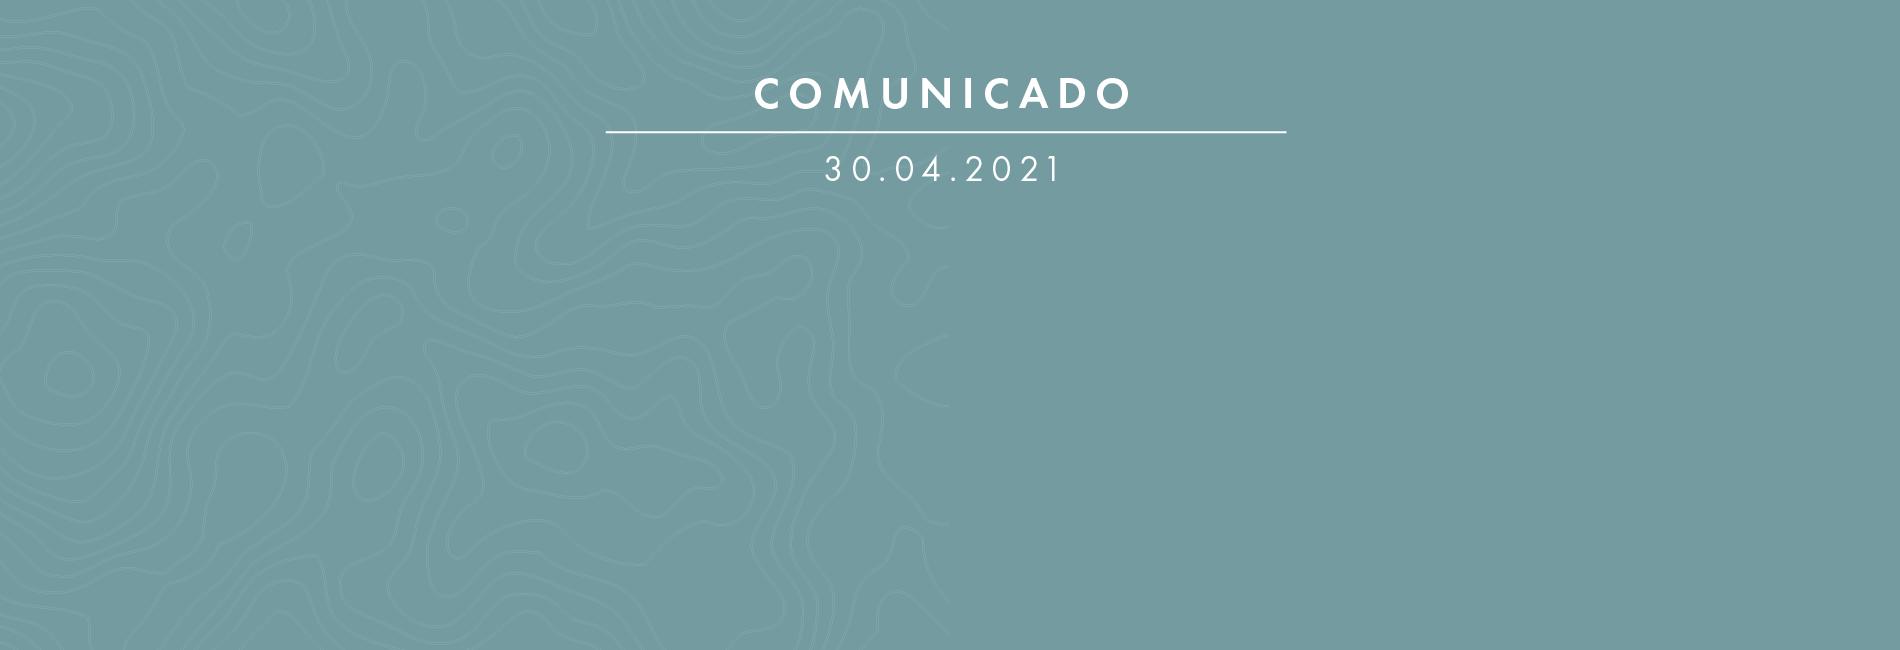 Comunicado UBPD